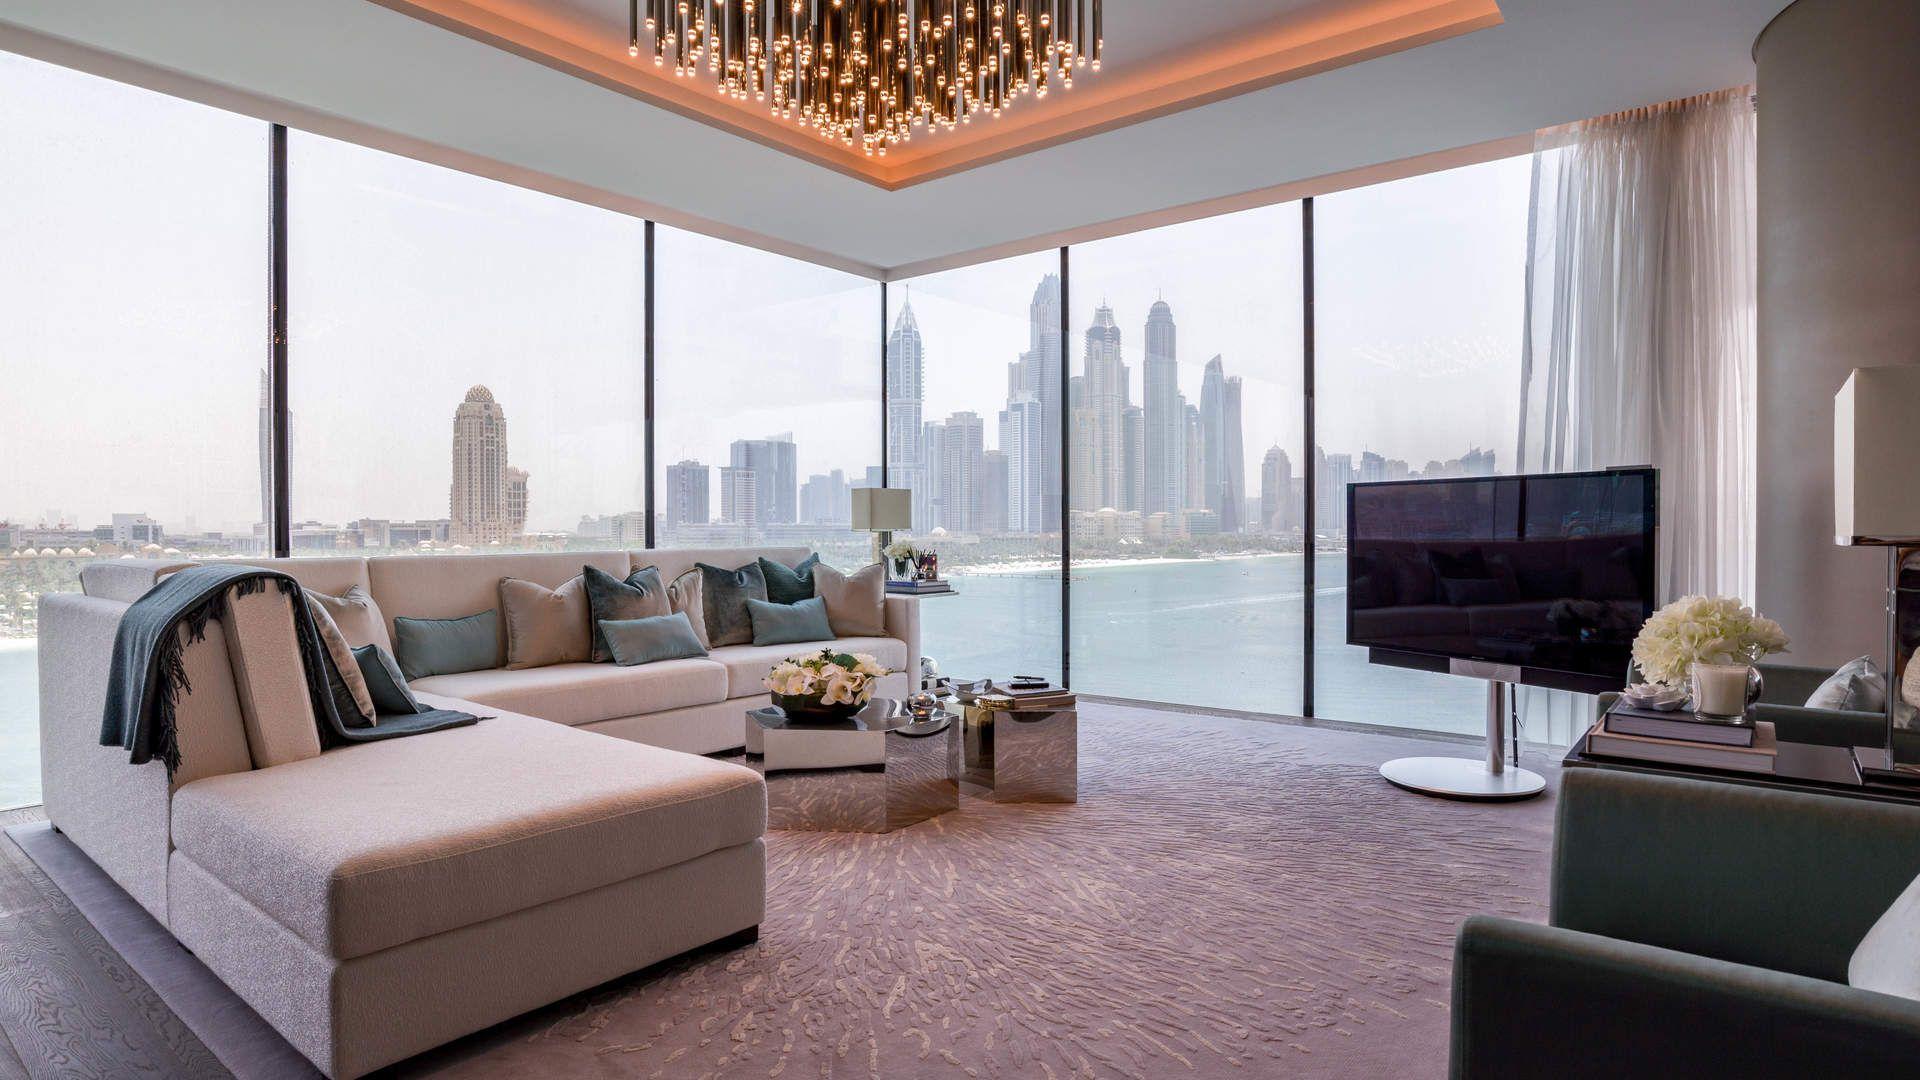 Apartamento en venta en Dubai, EAU, 4 dormitorios, 494 m2, № 24302 – foto 1